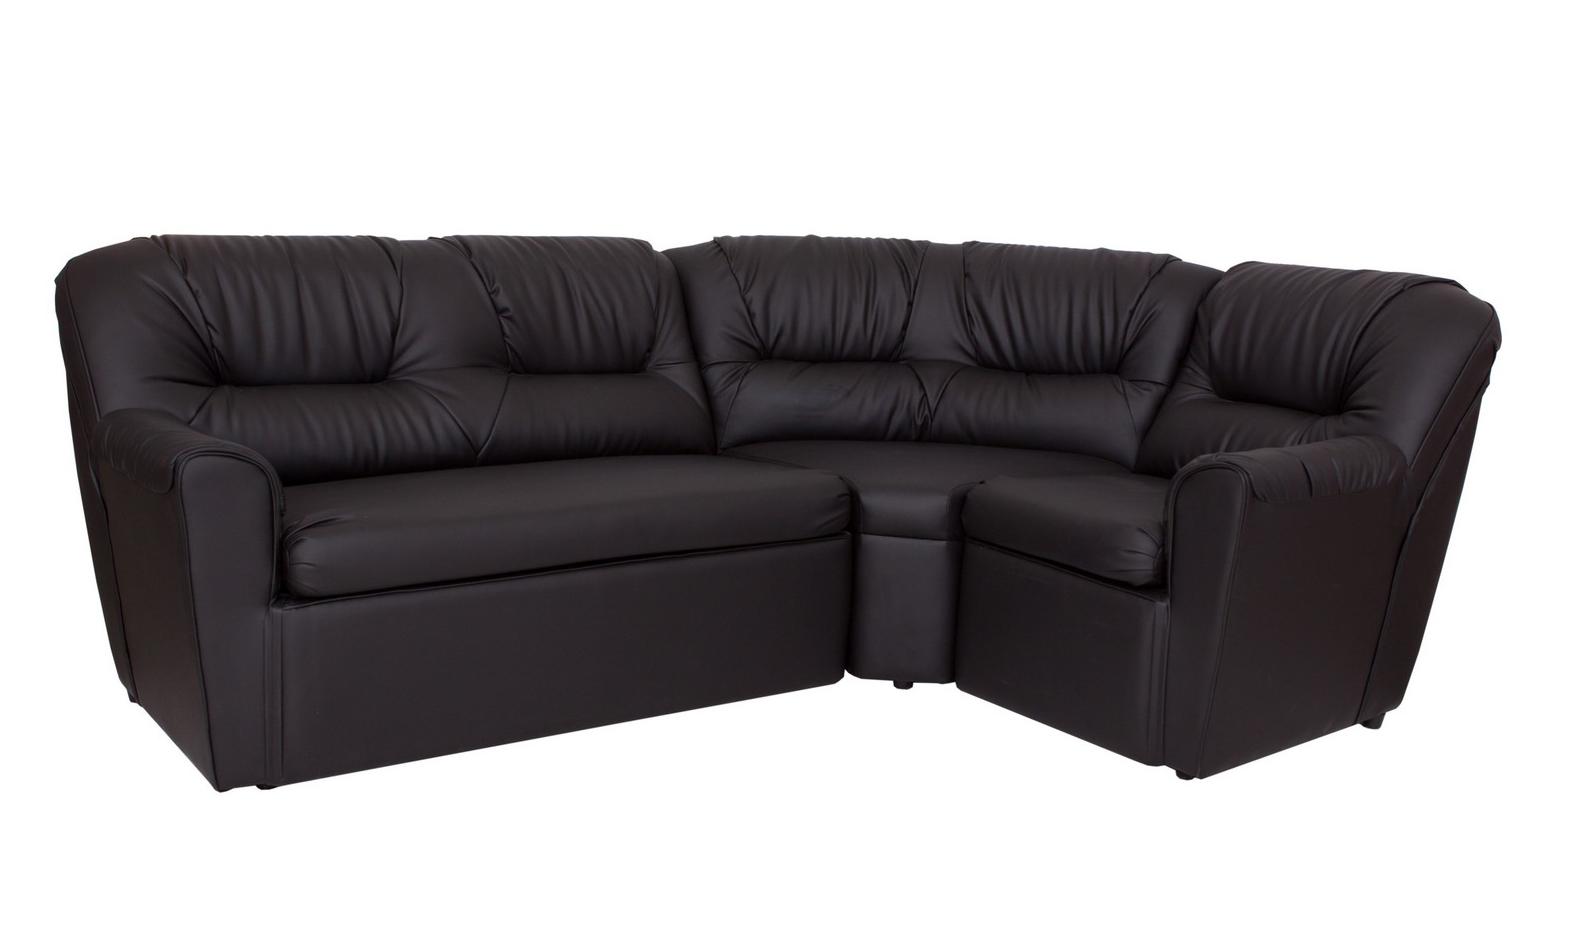 Модульный угловой диван Орион-3 — Модульный диван Орион-3